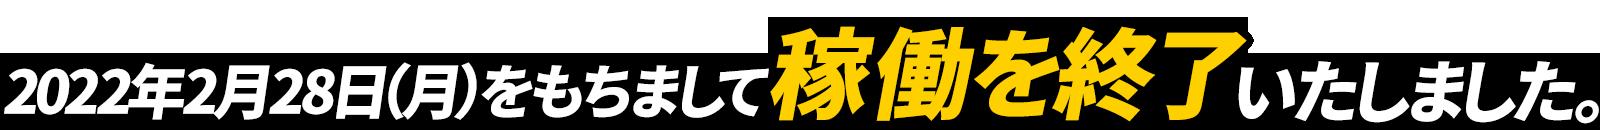 全国のゲームセンターで2019年春稼働予定!